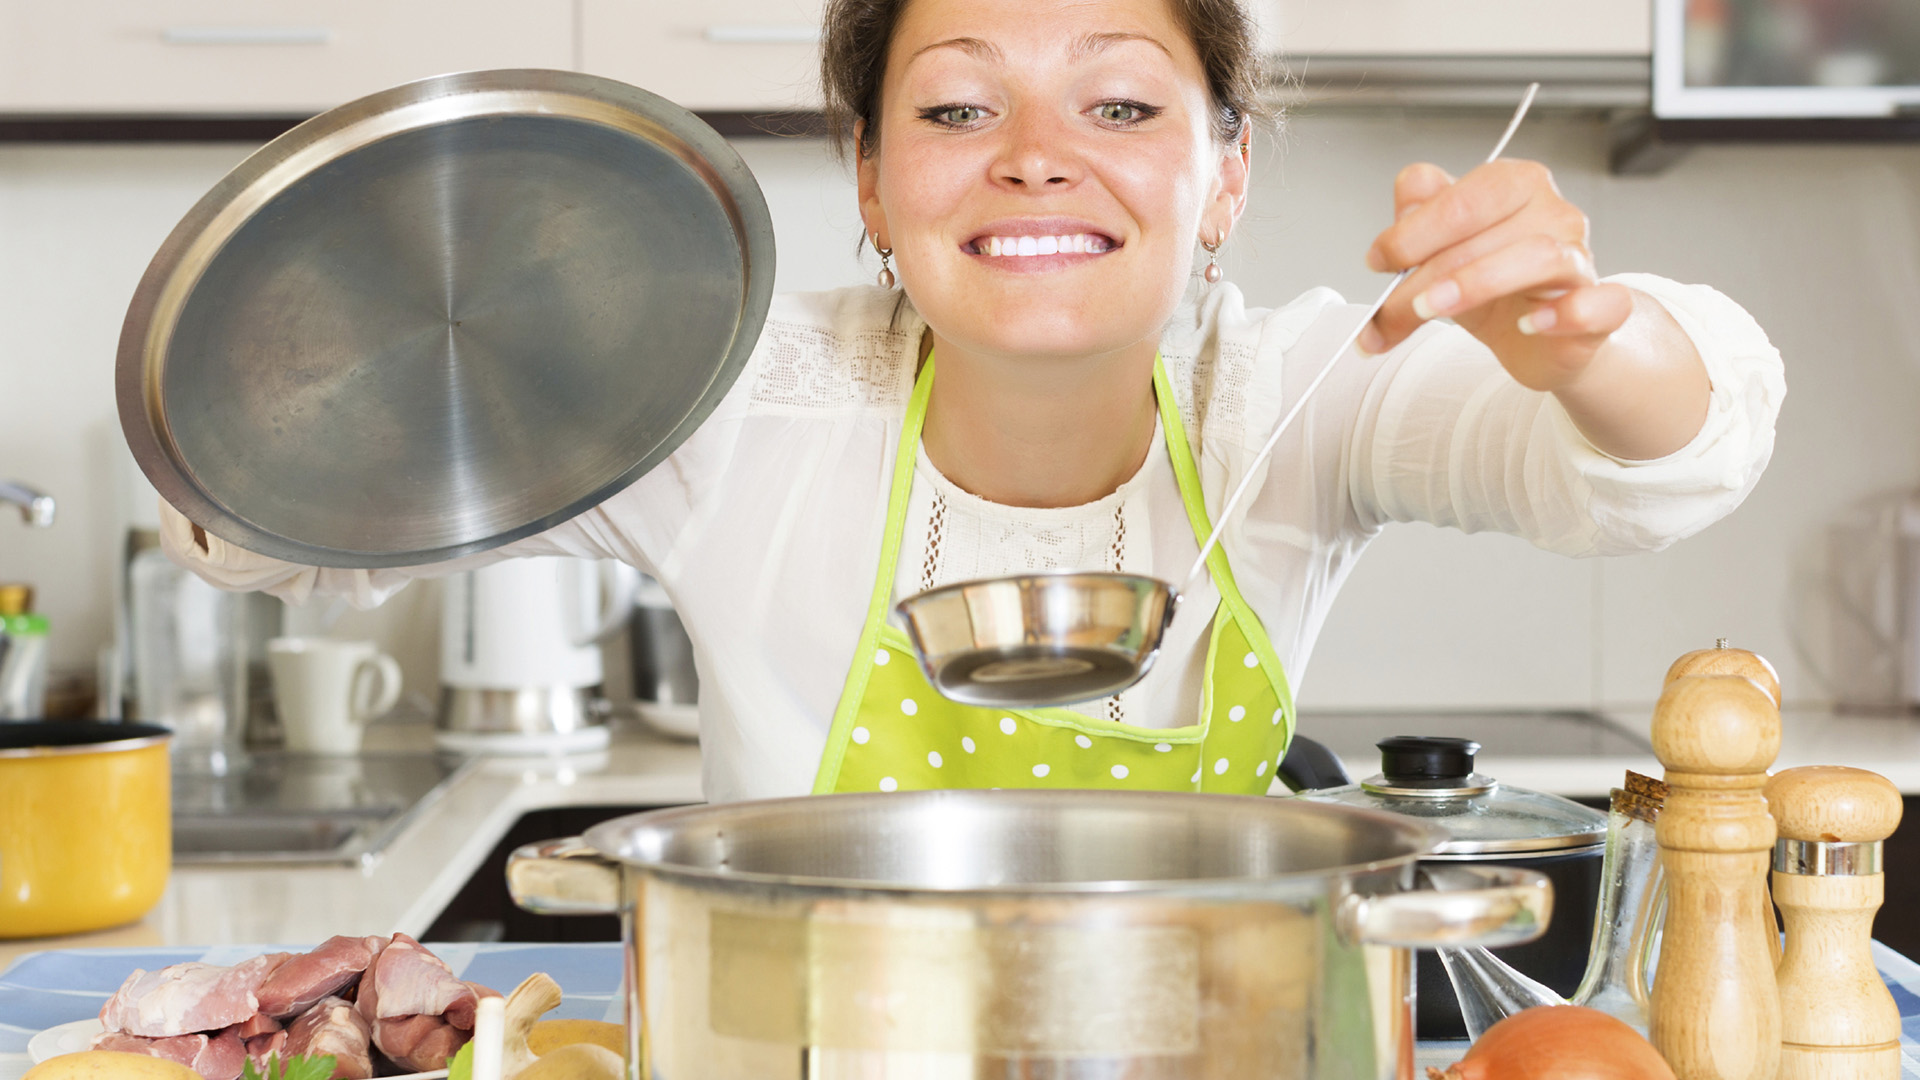 Cocinar images galleries with a bite - Olla para cocinar ...